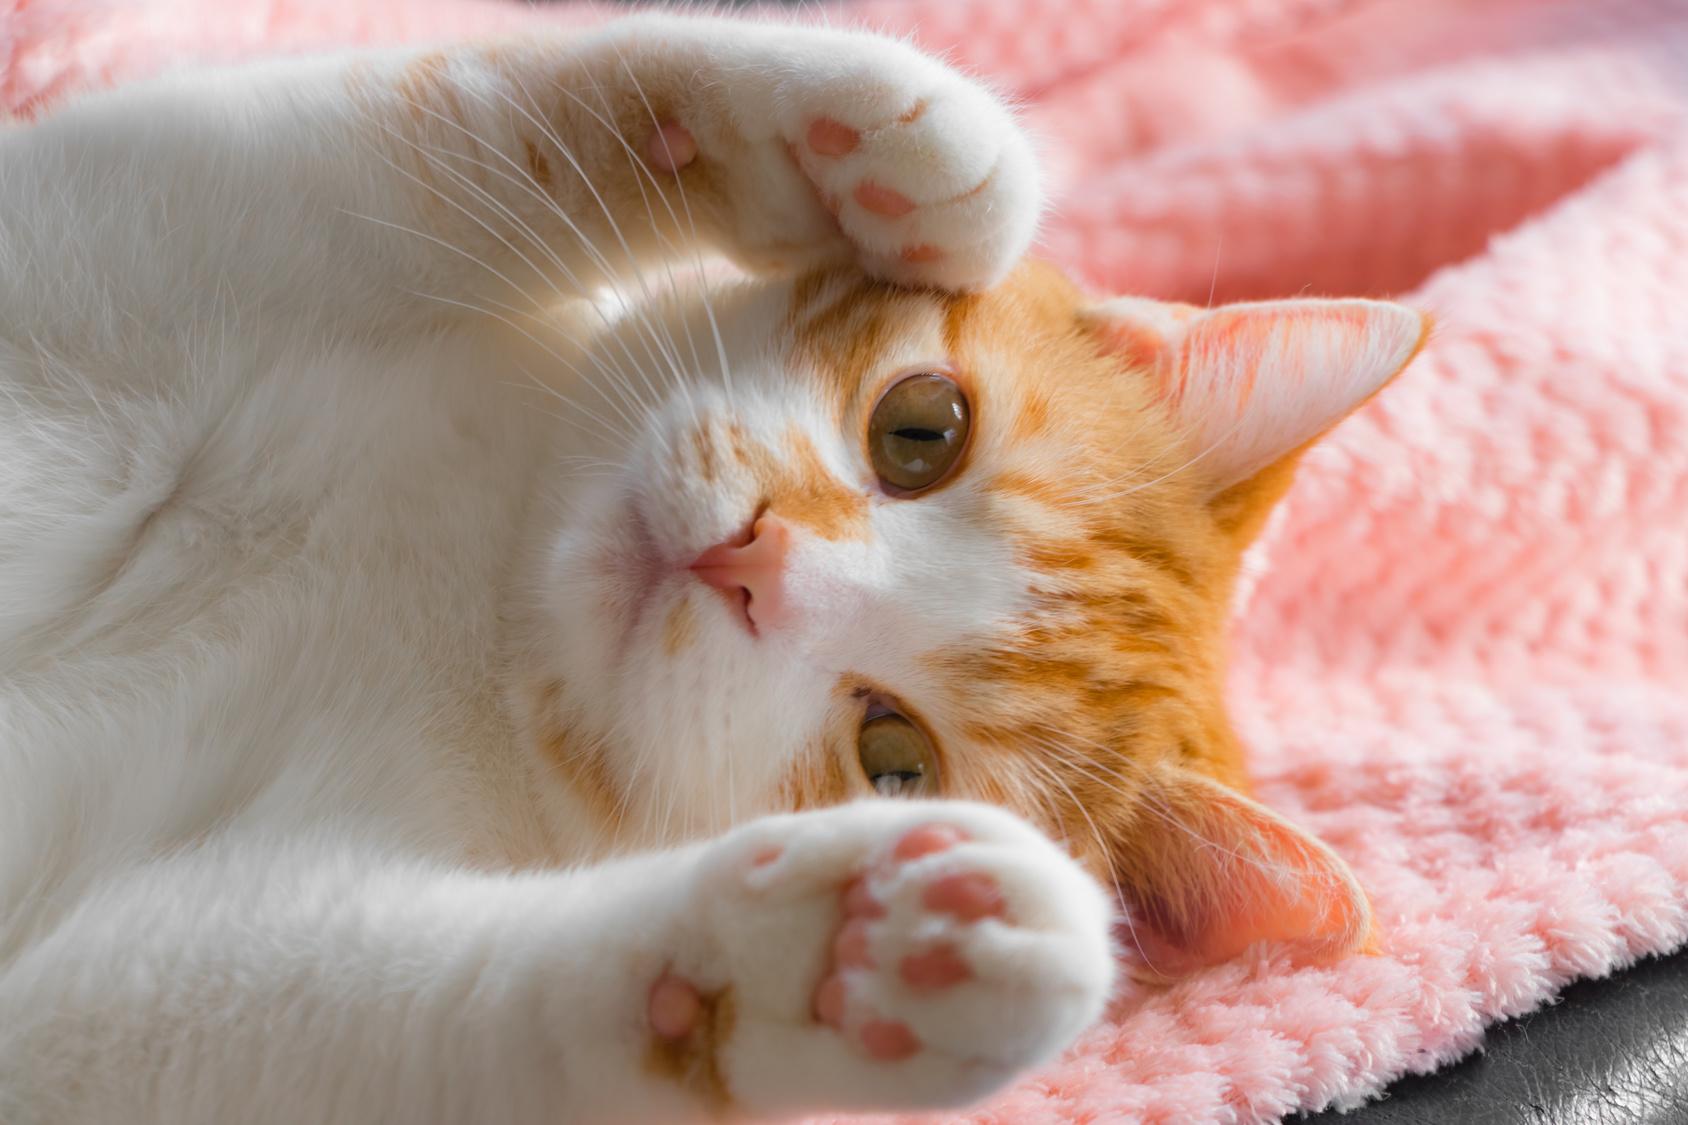 愛猫から伝える飼い主へのメッセージ。猫が甘えたいときにみせる5つのサイン